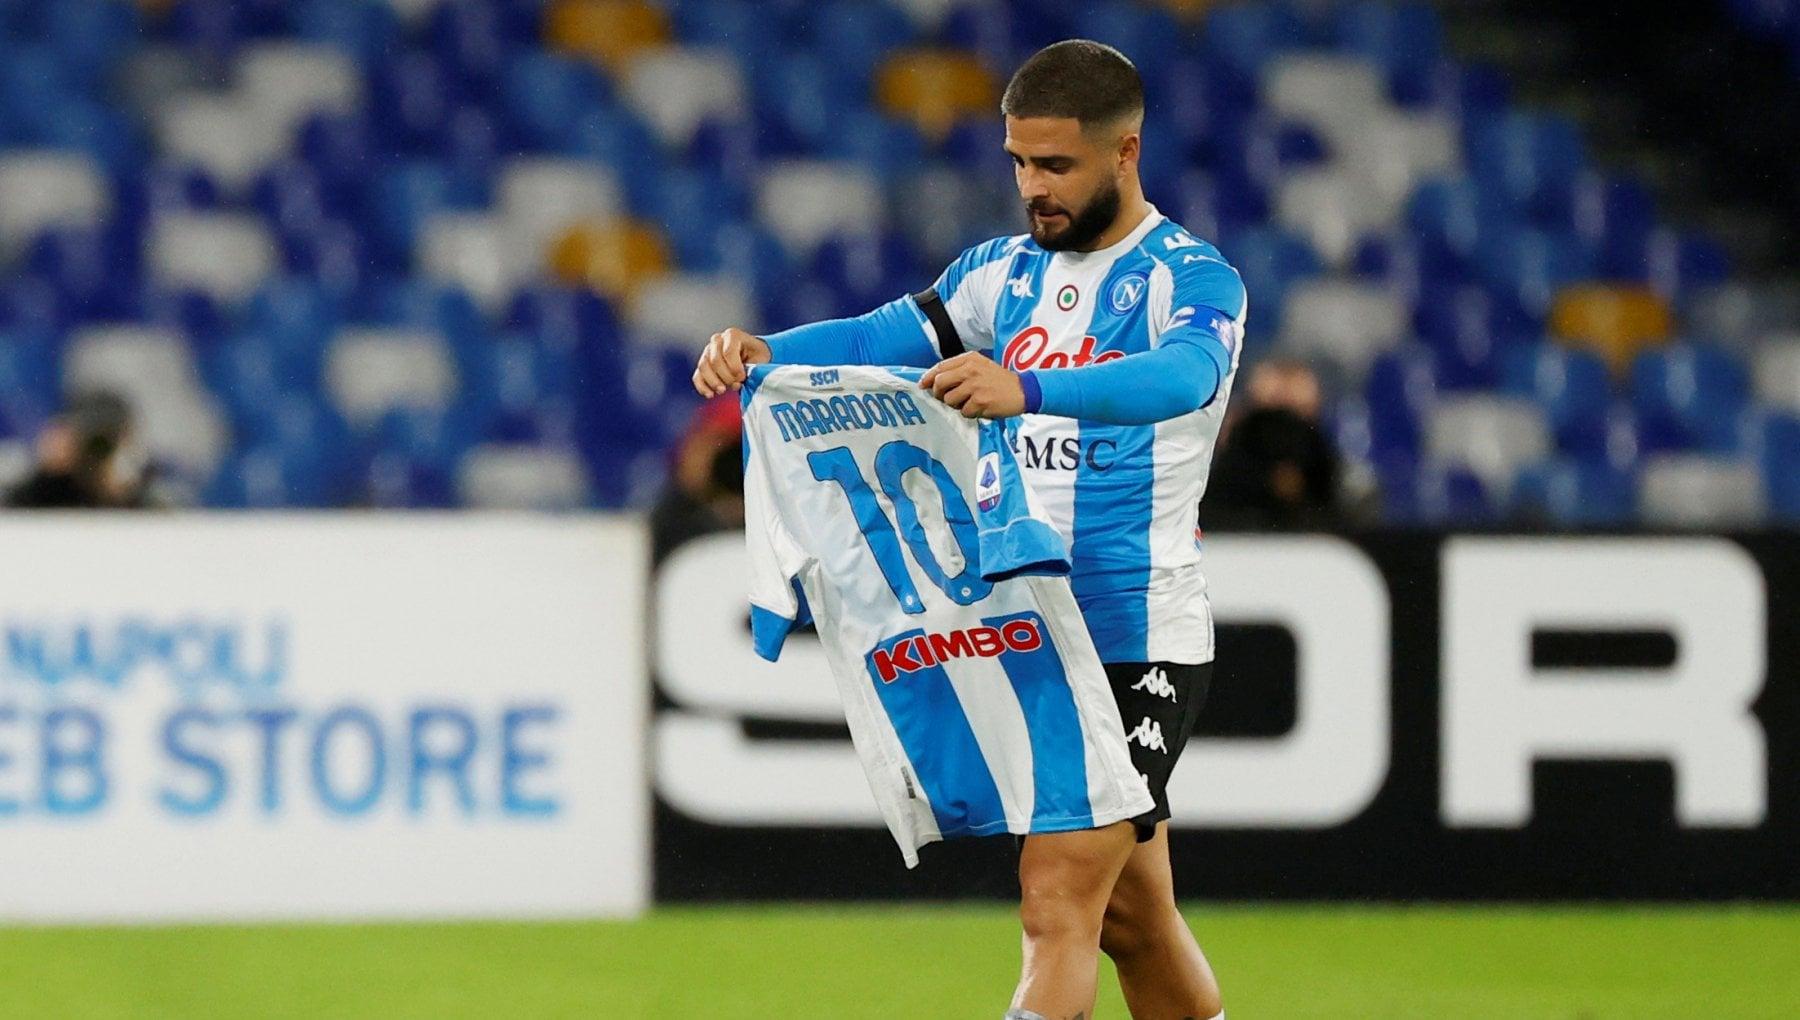 Napoli Roma 4 0 gli azzurri in maglia argentina onorano Maradona